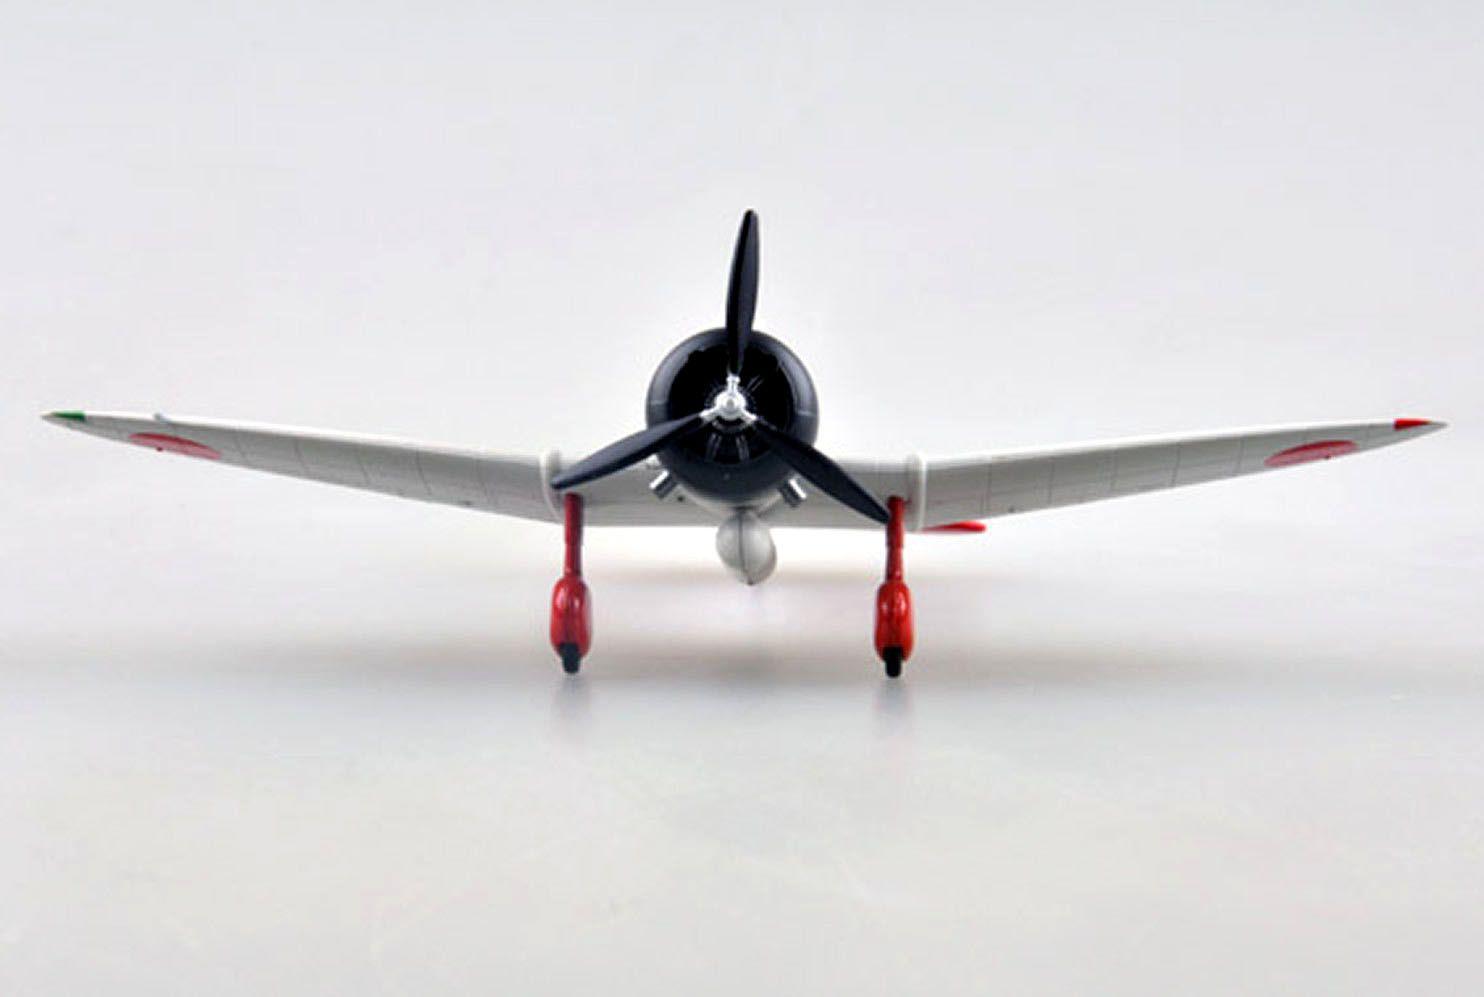 Mitsubishi A5M2 - 1/72 - Easy Model 36451  - BLIMPS COMÉRCIO ELETRÔNICO